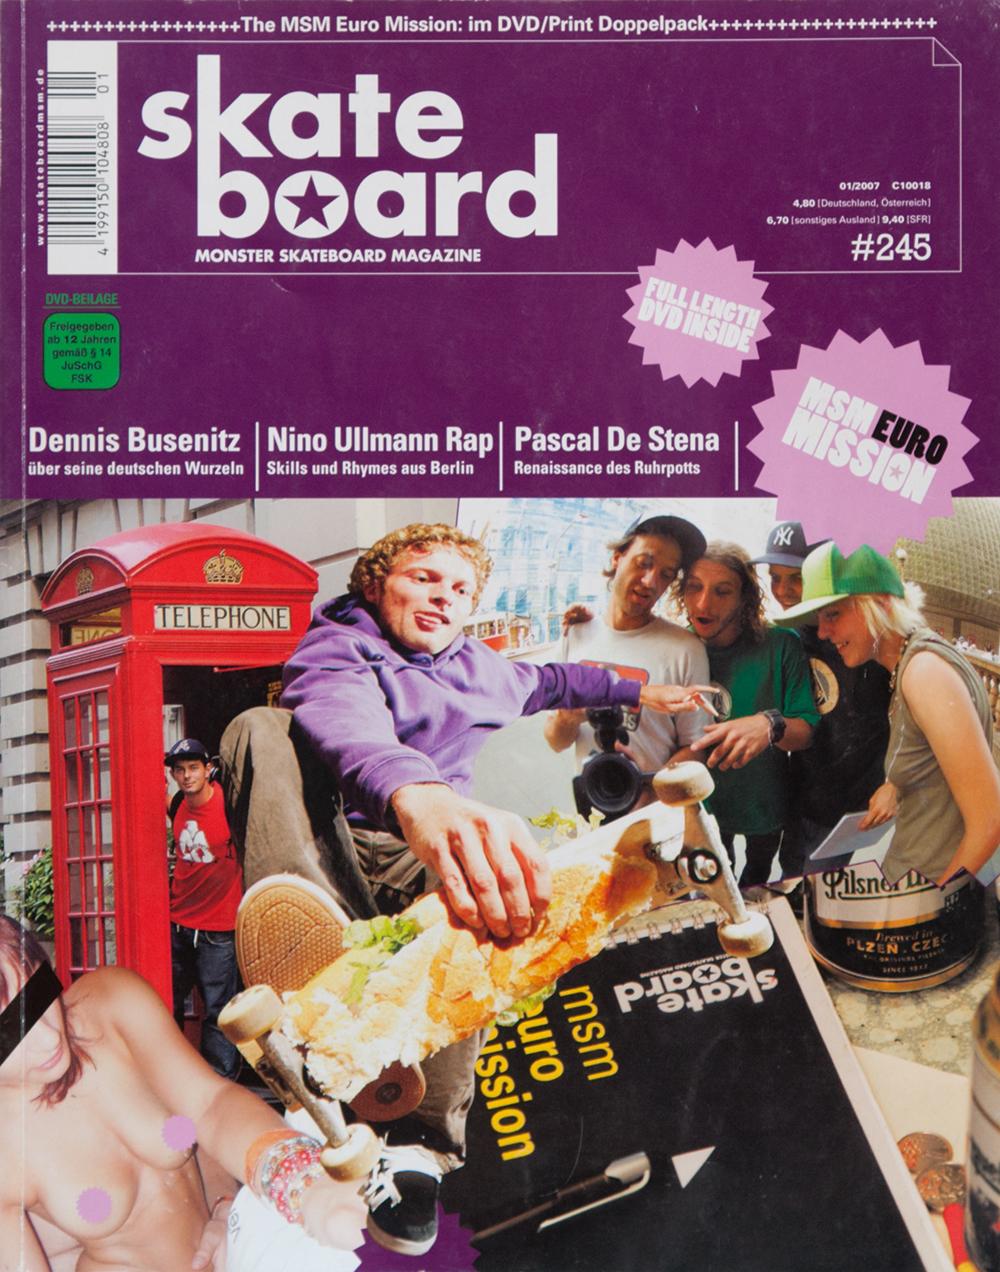 Jan Kliewer gilt eigentlich als Style König von Deutschland. Aber für die Euro-Mission Ausgabe alberte er sich per Baguette Boneless auf's Cover. Außerdem gab es nackte Tatsachen zu sehen…